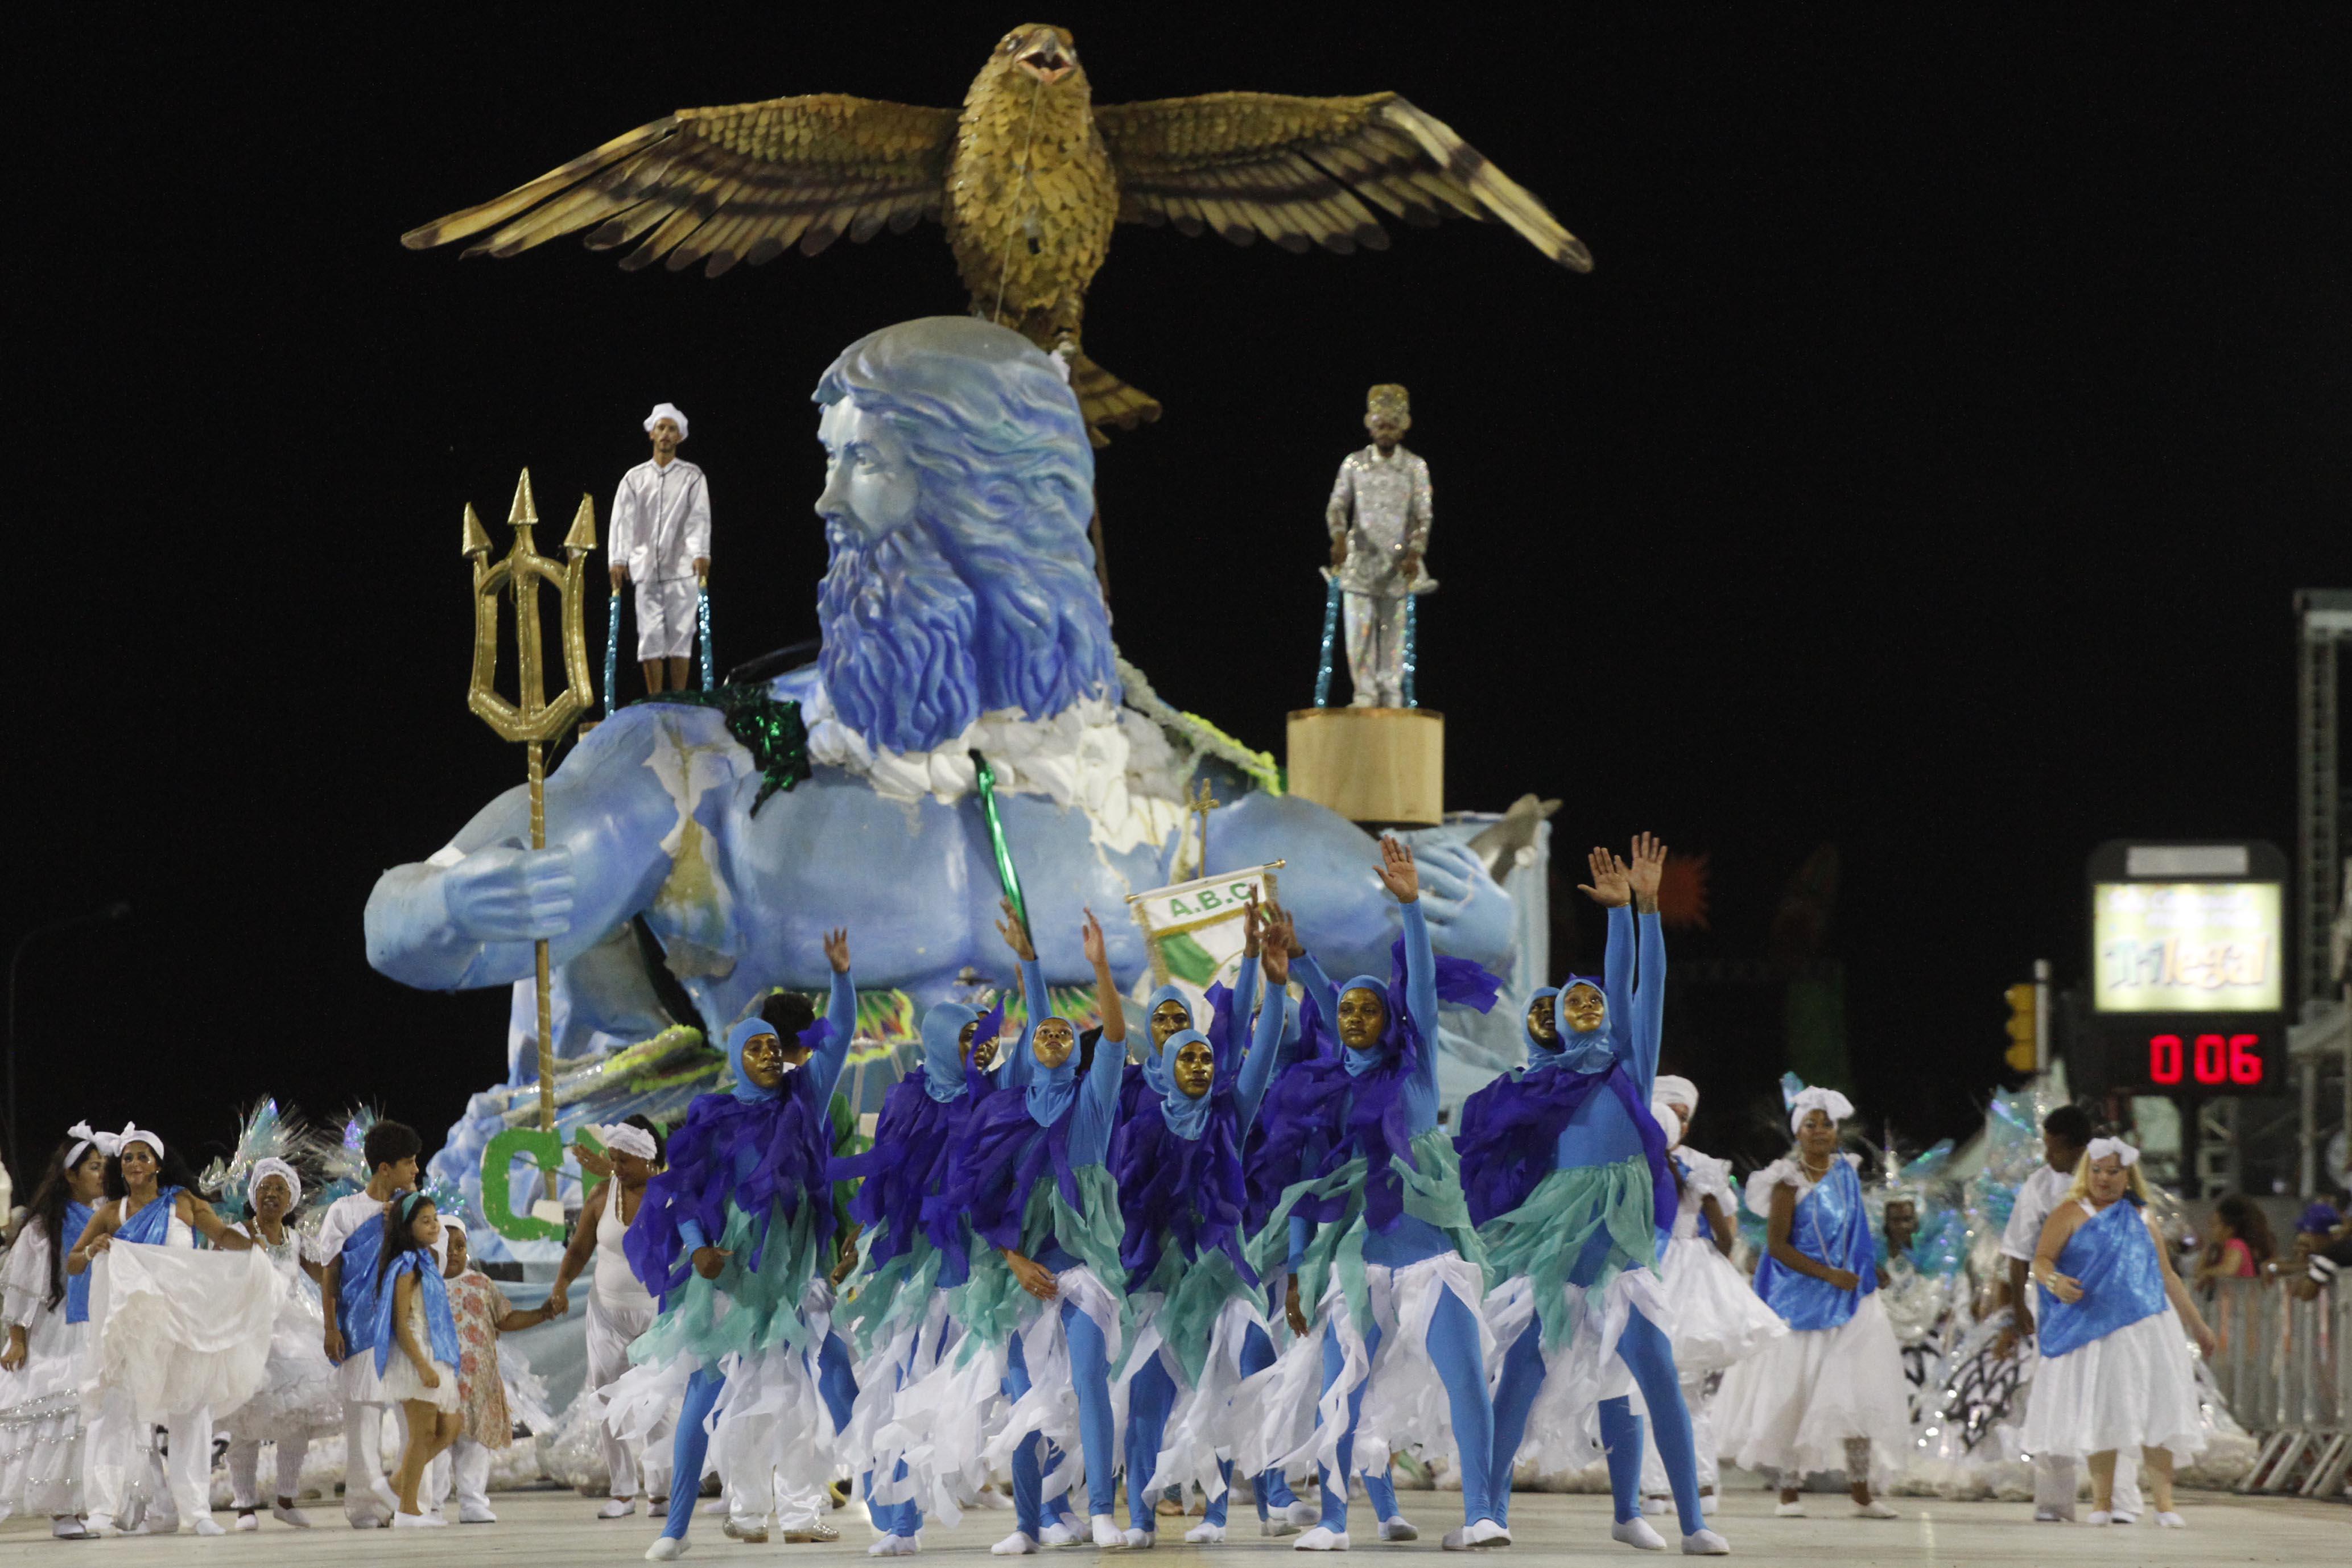 Unidos de Guajuviras foi uma das primeiras a desfilar ainda na noite de domingo no Porto Seco